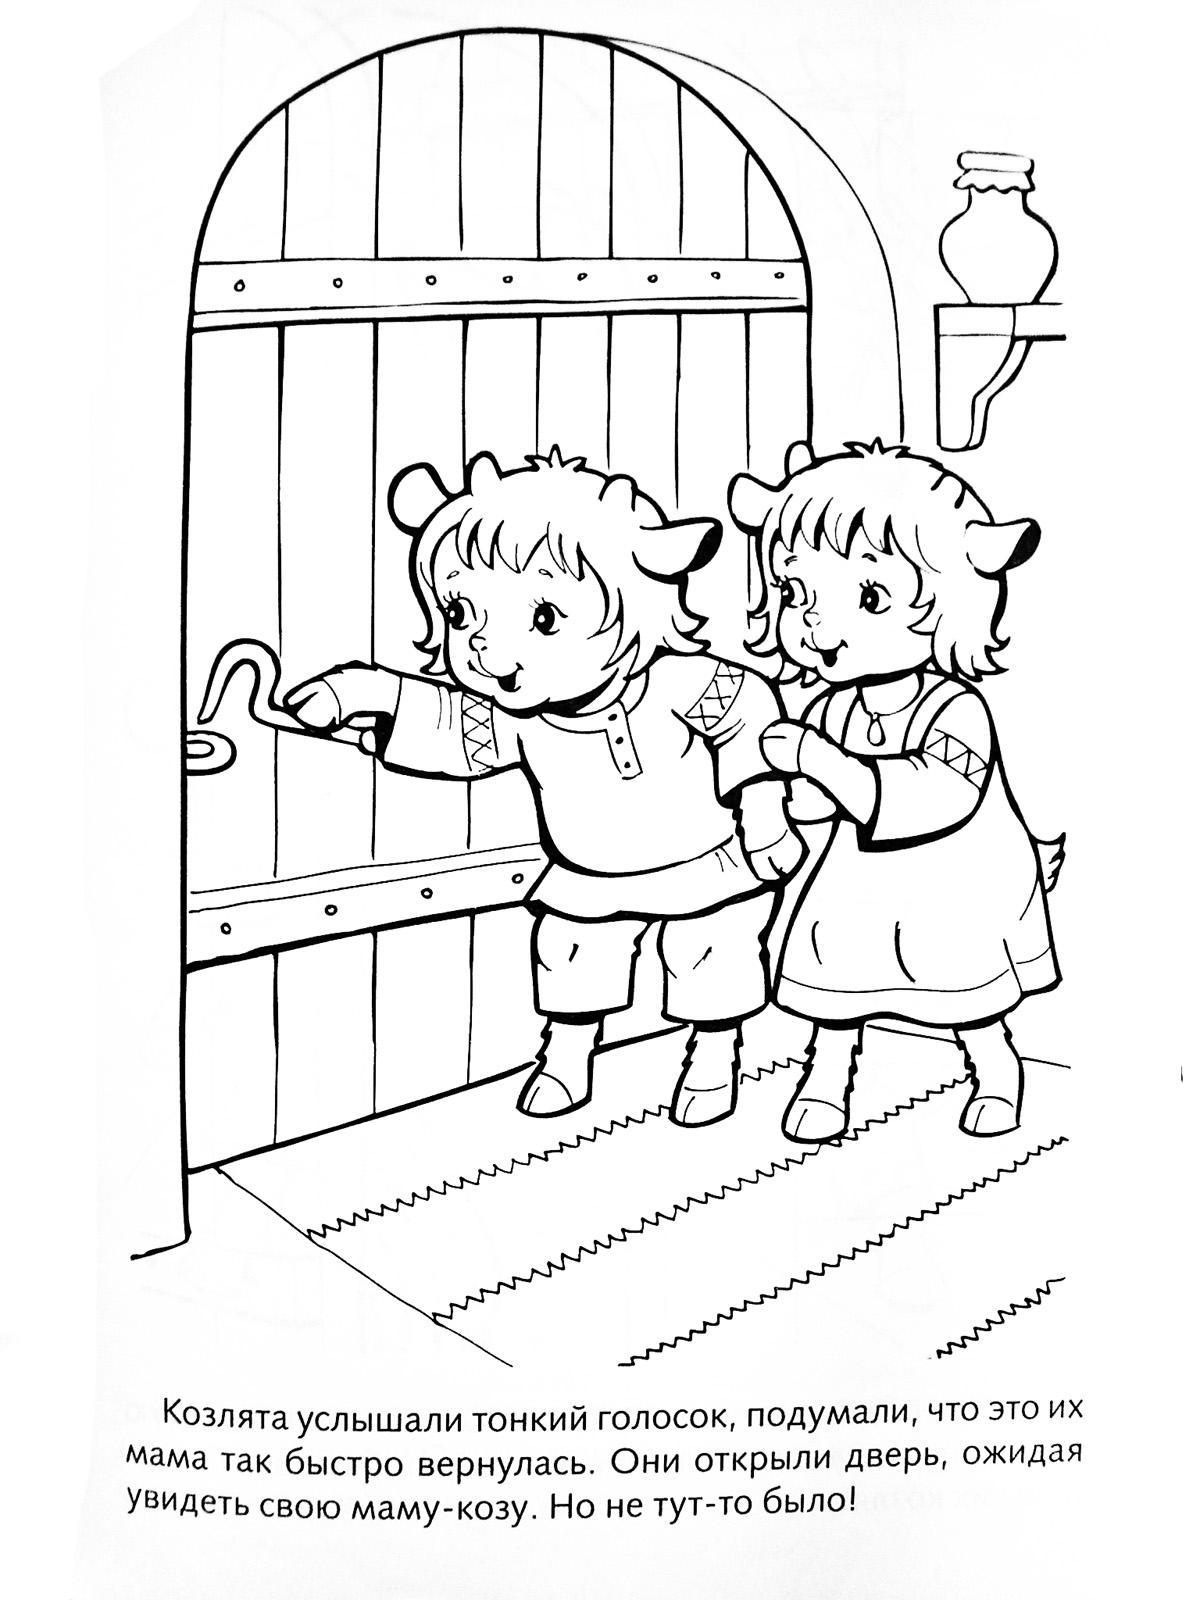 Раскраски раскраски для детей по сказкам Козлята услышали тонкий голосок, подумали, что это их мама так быстро вернулась. Они открыли дверь, ожидая увидеть свою маму-козу. Но не тут-то было.